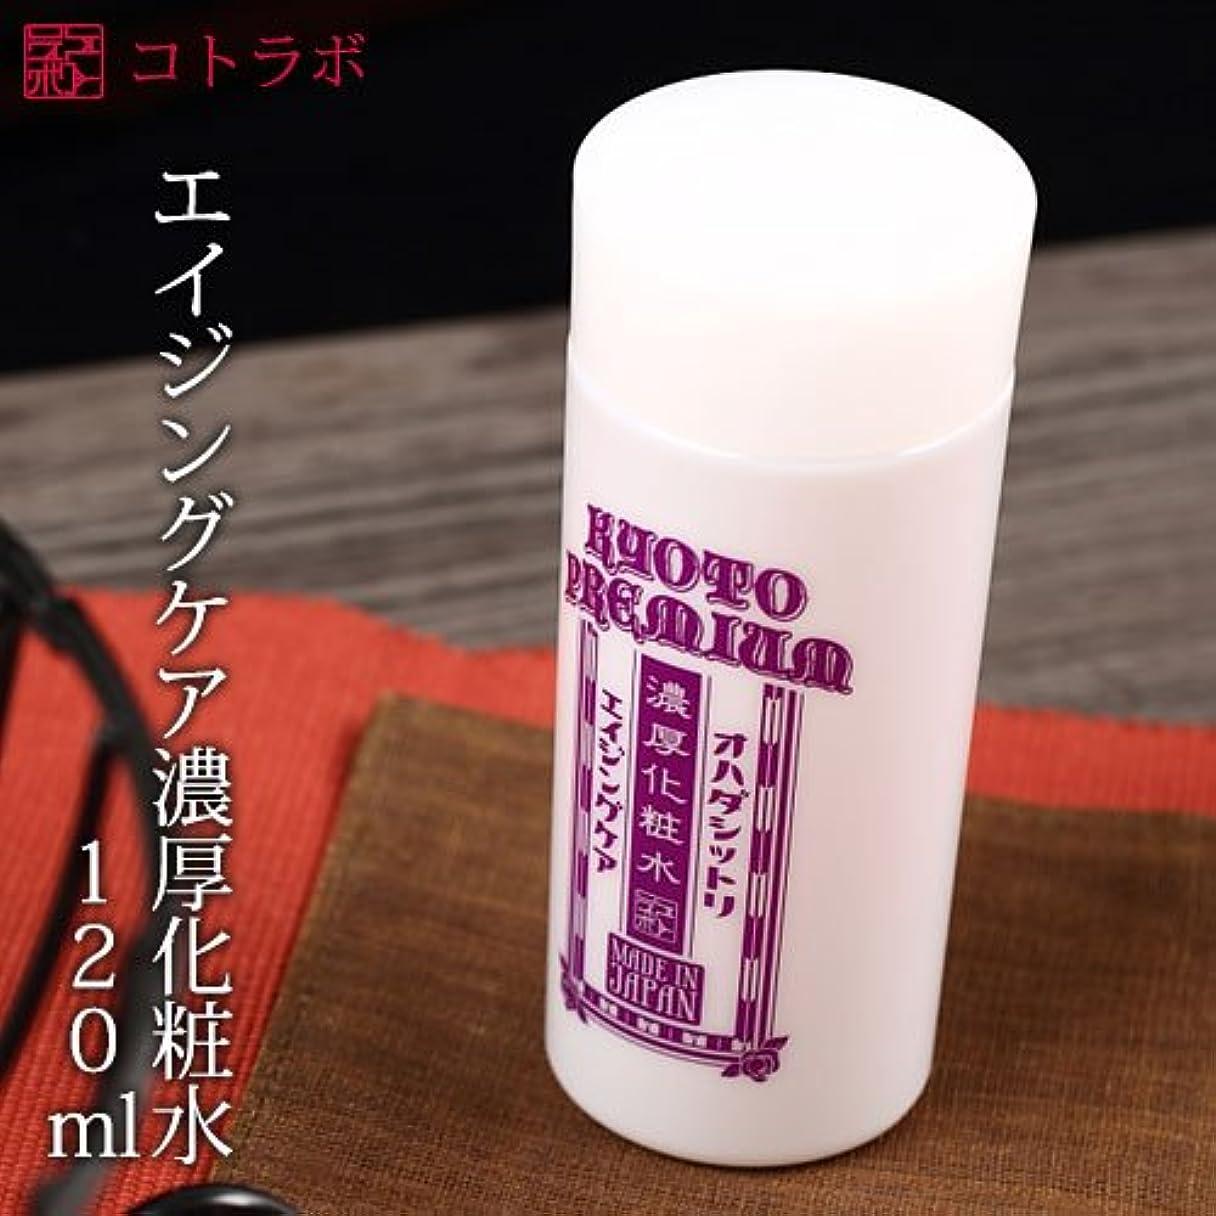 早熟固有のグリップコトラボ濃厚化粧水コンセントレイトローションナールスゲン配合のエイジングケア化粧水120ml